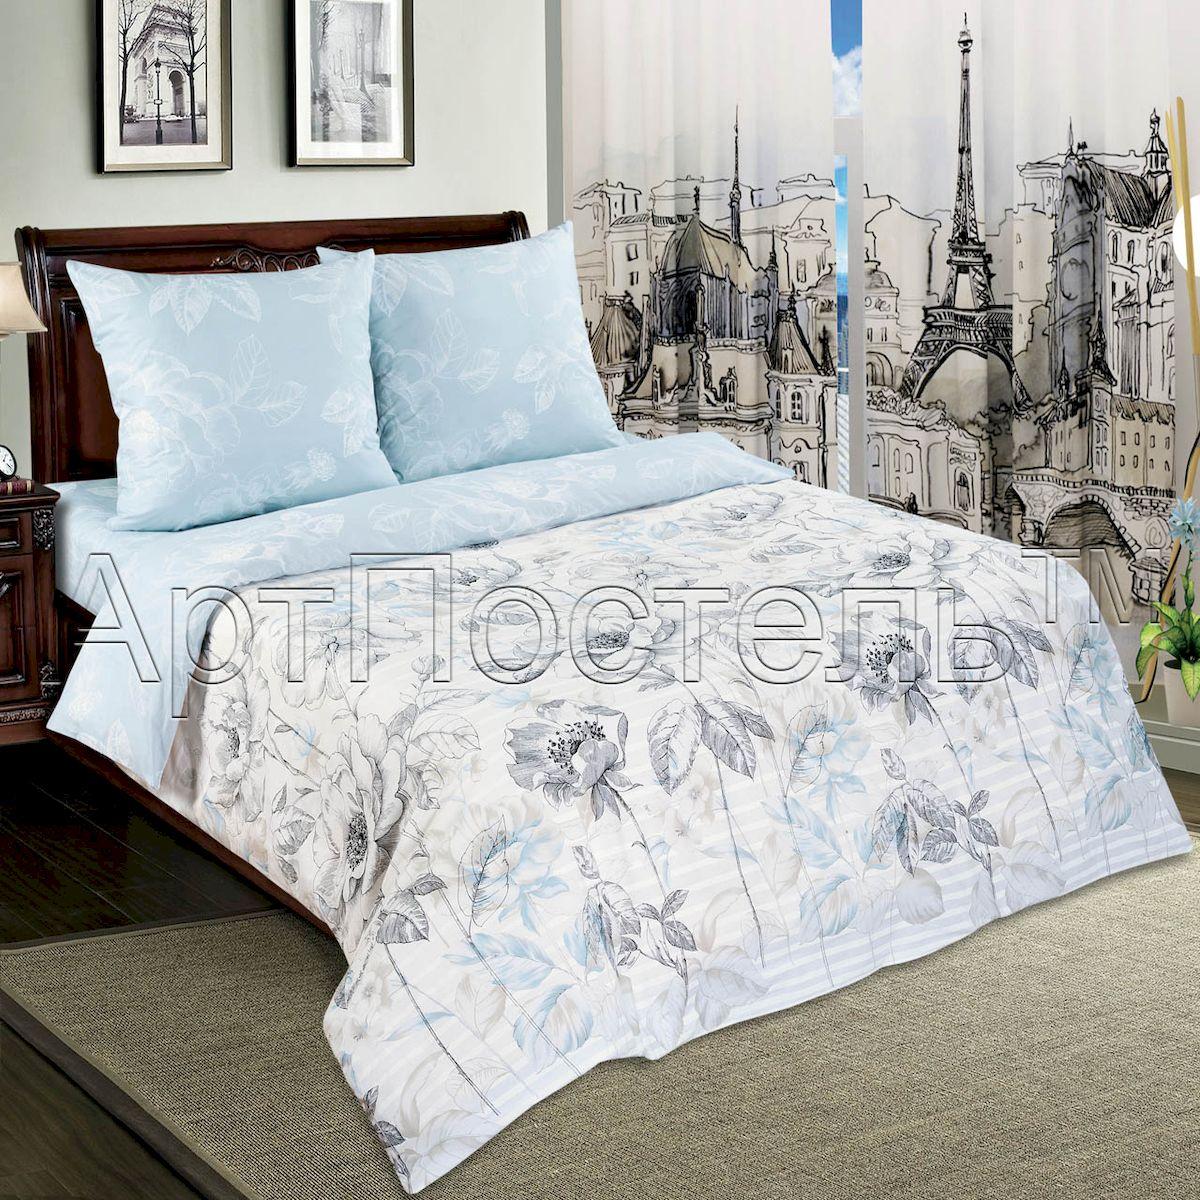 Комплект белья АртПостель Поэзия, 1,5 спальный, наволочки 70x70FD 992Комплект постельного белья АртПостель Поэзия выполнен из поплина высочайшего качества. Комплект состоит из пододеяльника, простыни и двух наволочек. Постельное белье с ярким дизайном, имеет изысканный внешний вид.Благодаря такому комплекту постельного белья вы сможете создать атмосферу роскоши и романтики в вашей спальне.